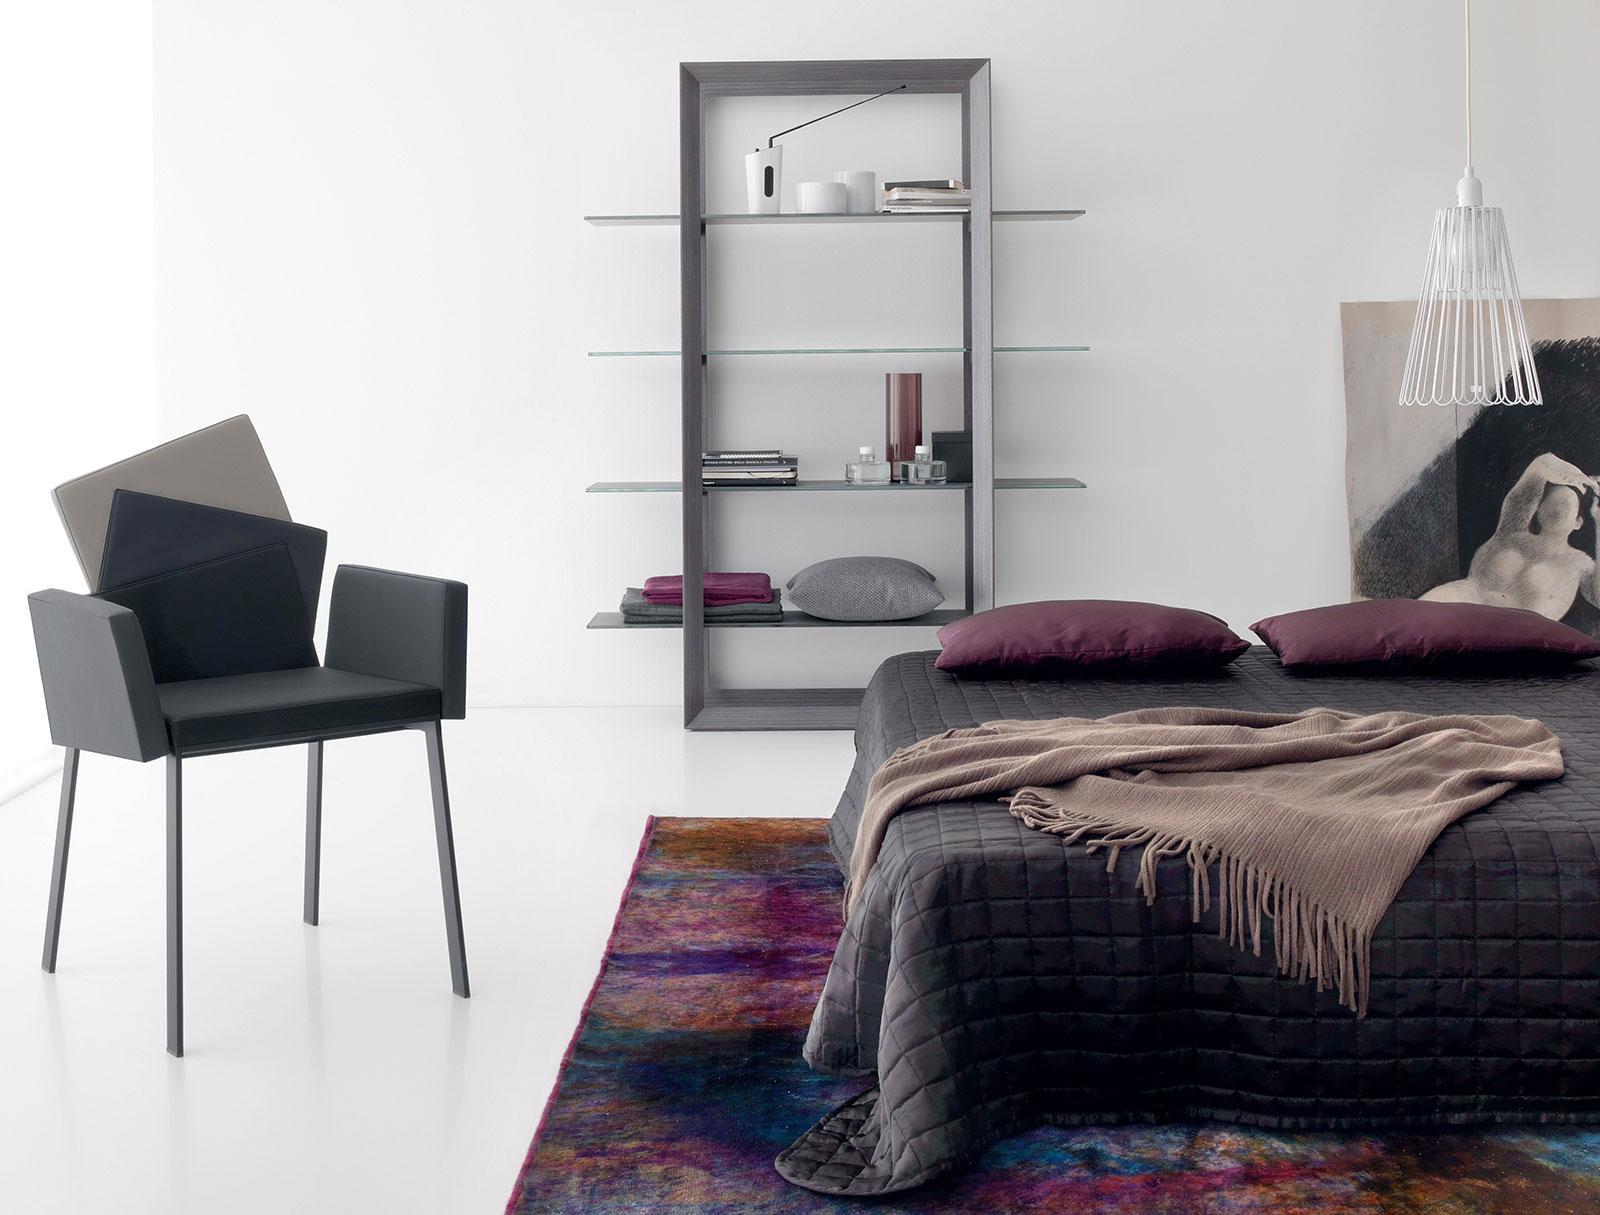 Ufficio Legno E Vetro : Upper libreria legno e vetro italy dream design